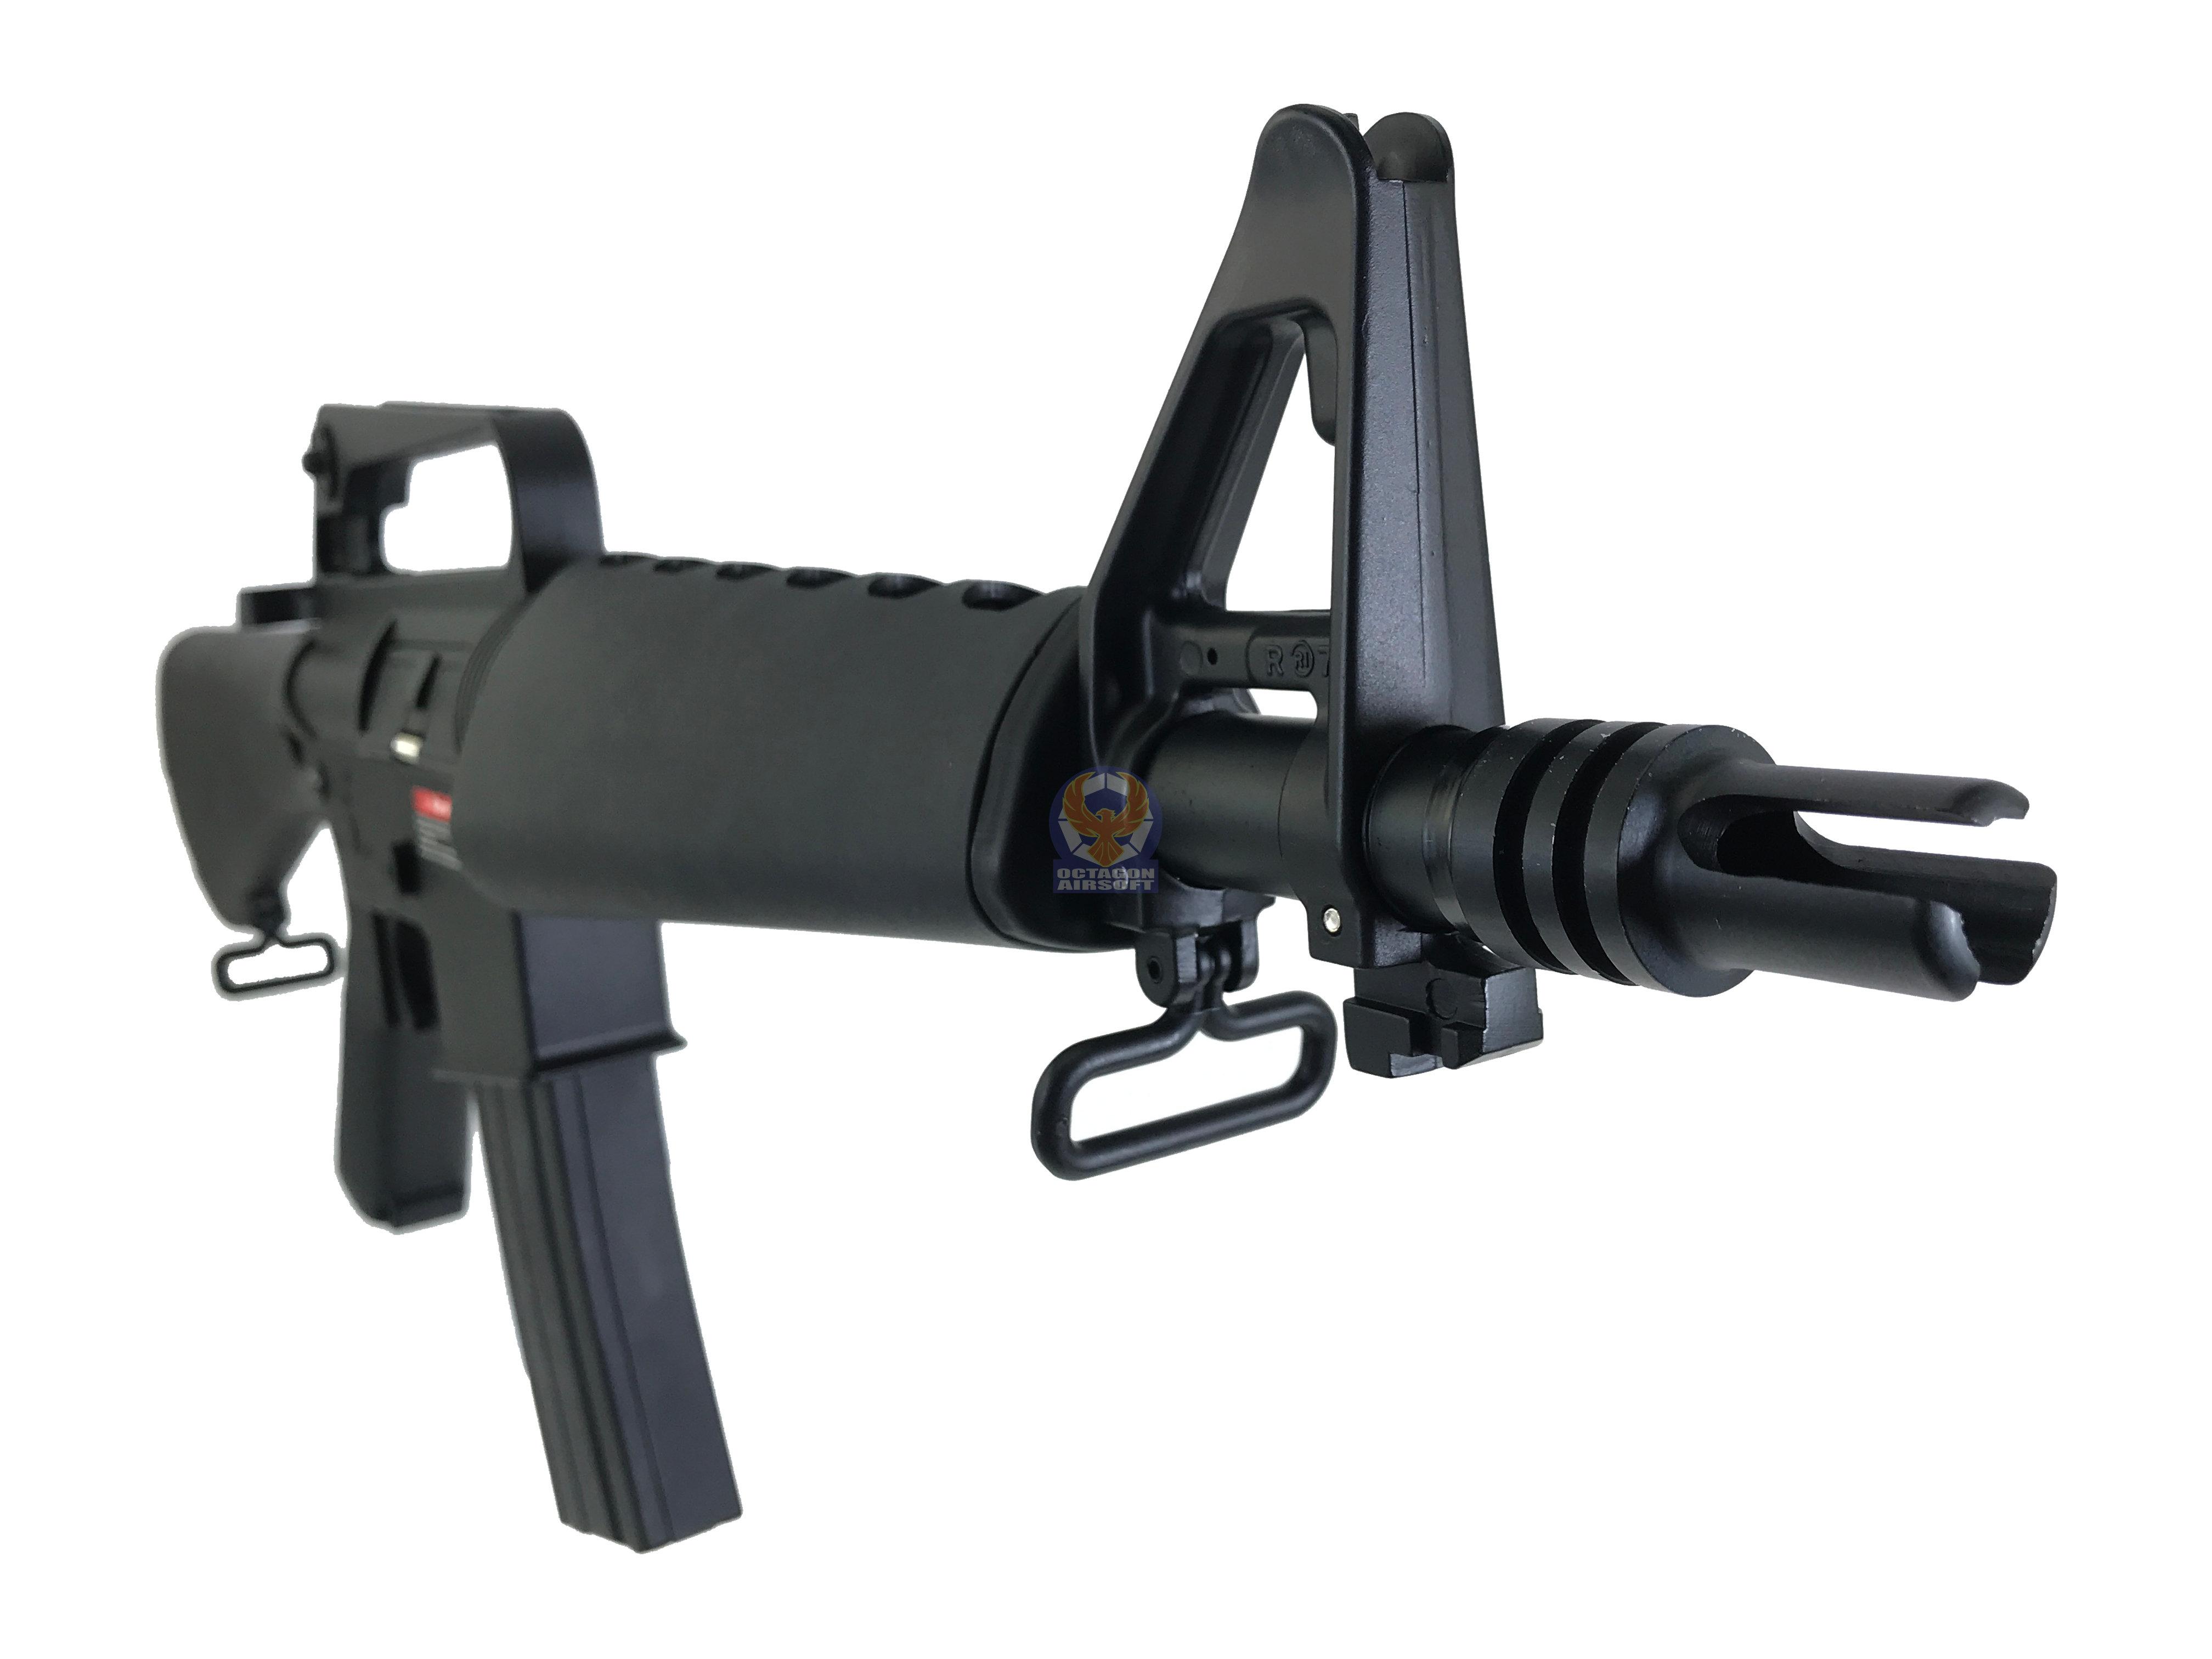 Flintlock Workshop CAR-15 Submachine Gun Custom Airsoft AEG Rifle | Octagon  Airsoft